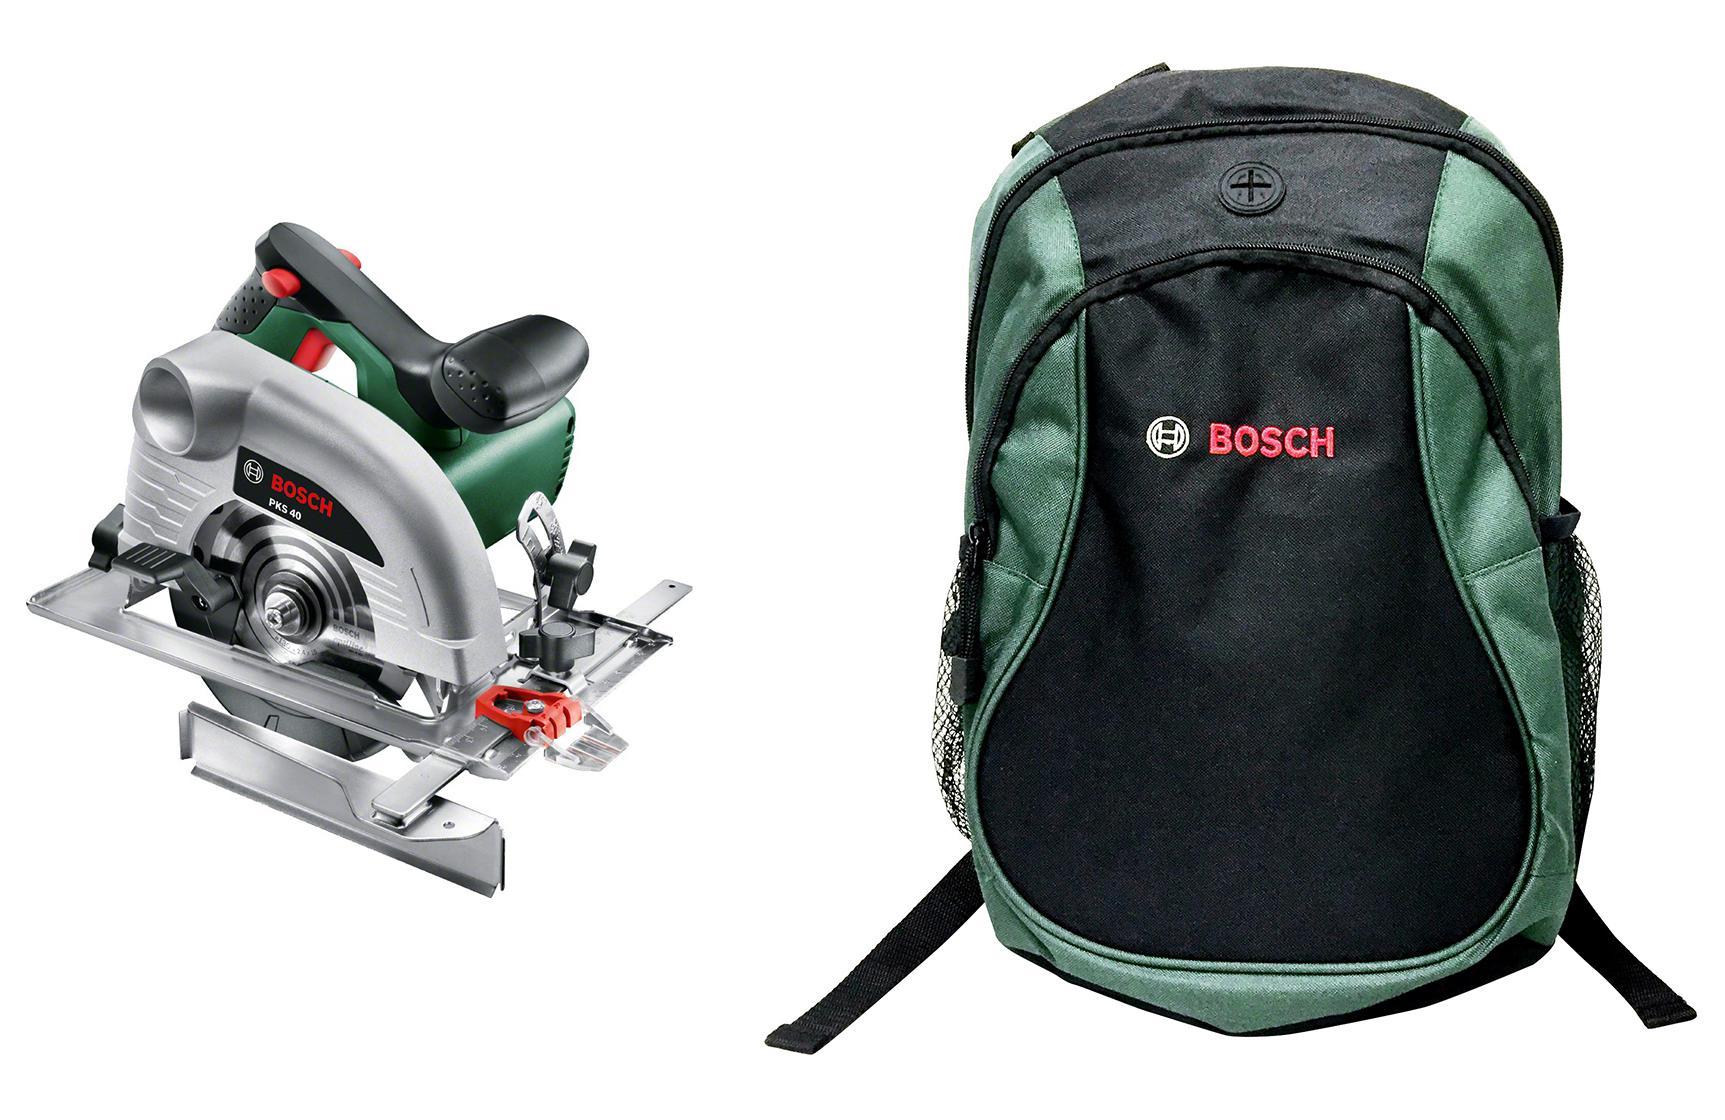 Набор Bosch Пила циркулярная pks 40 + рюкзак green (1619g45200) пила дисковая аккумуляторная bosch pks 18 li 0 603 3b1 300